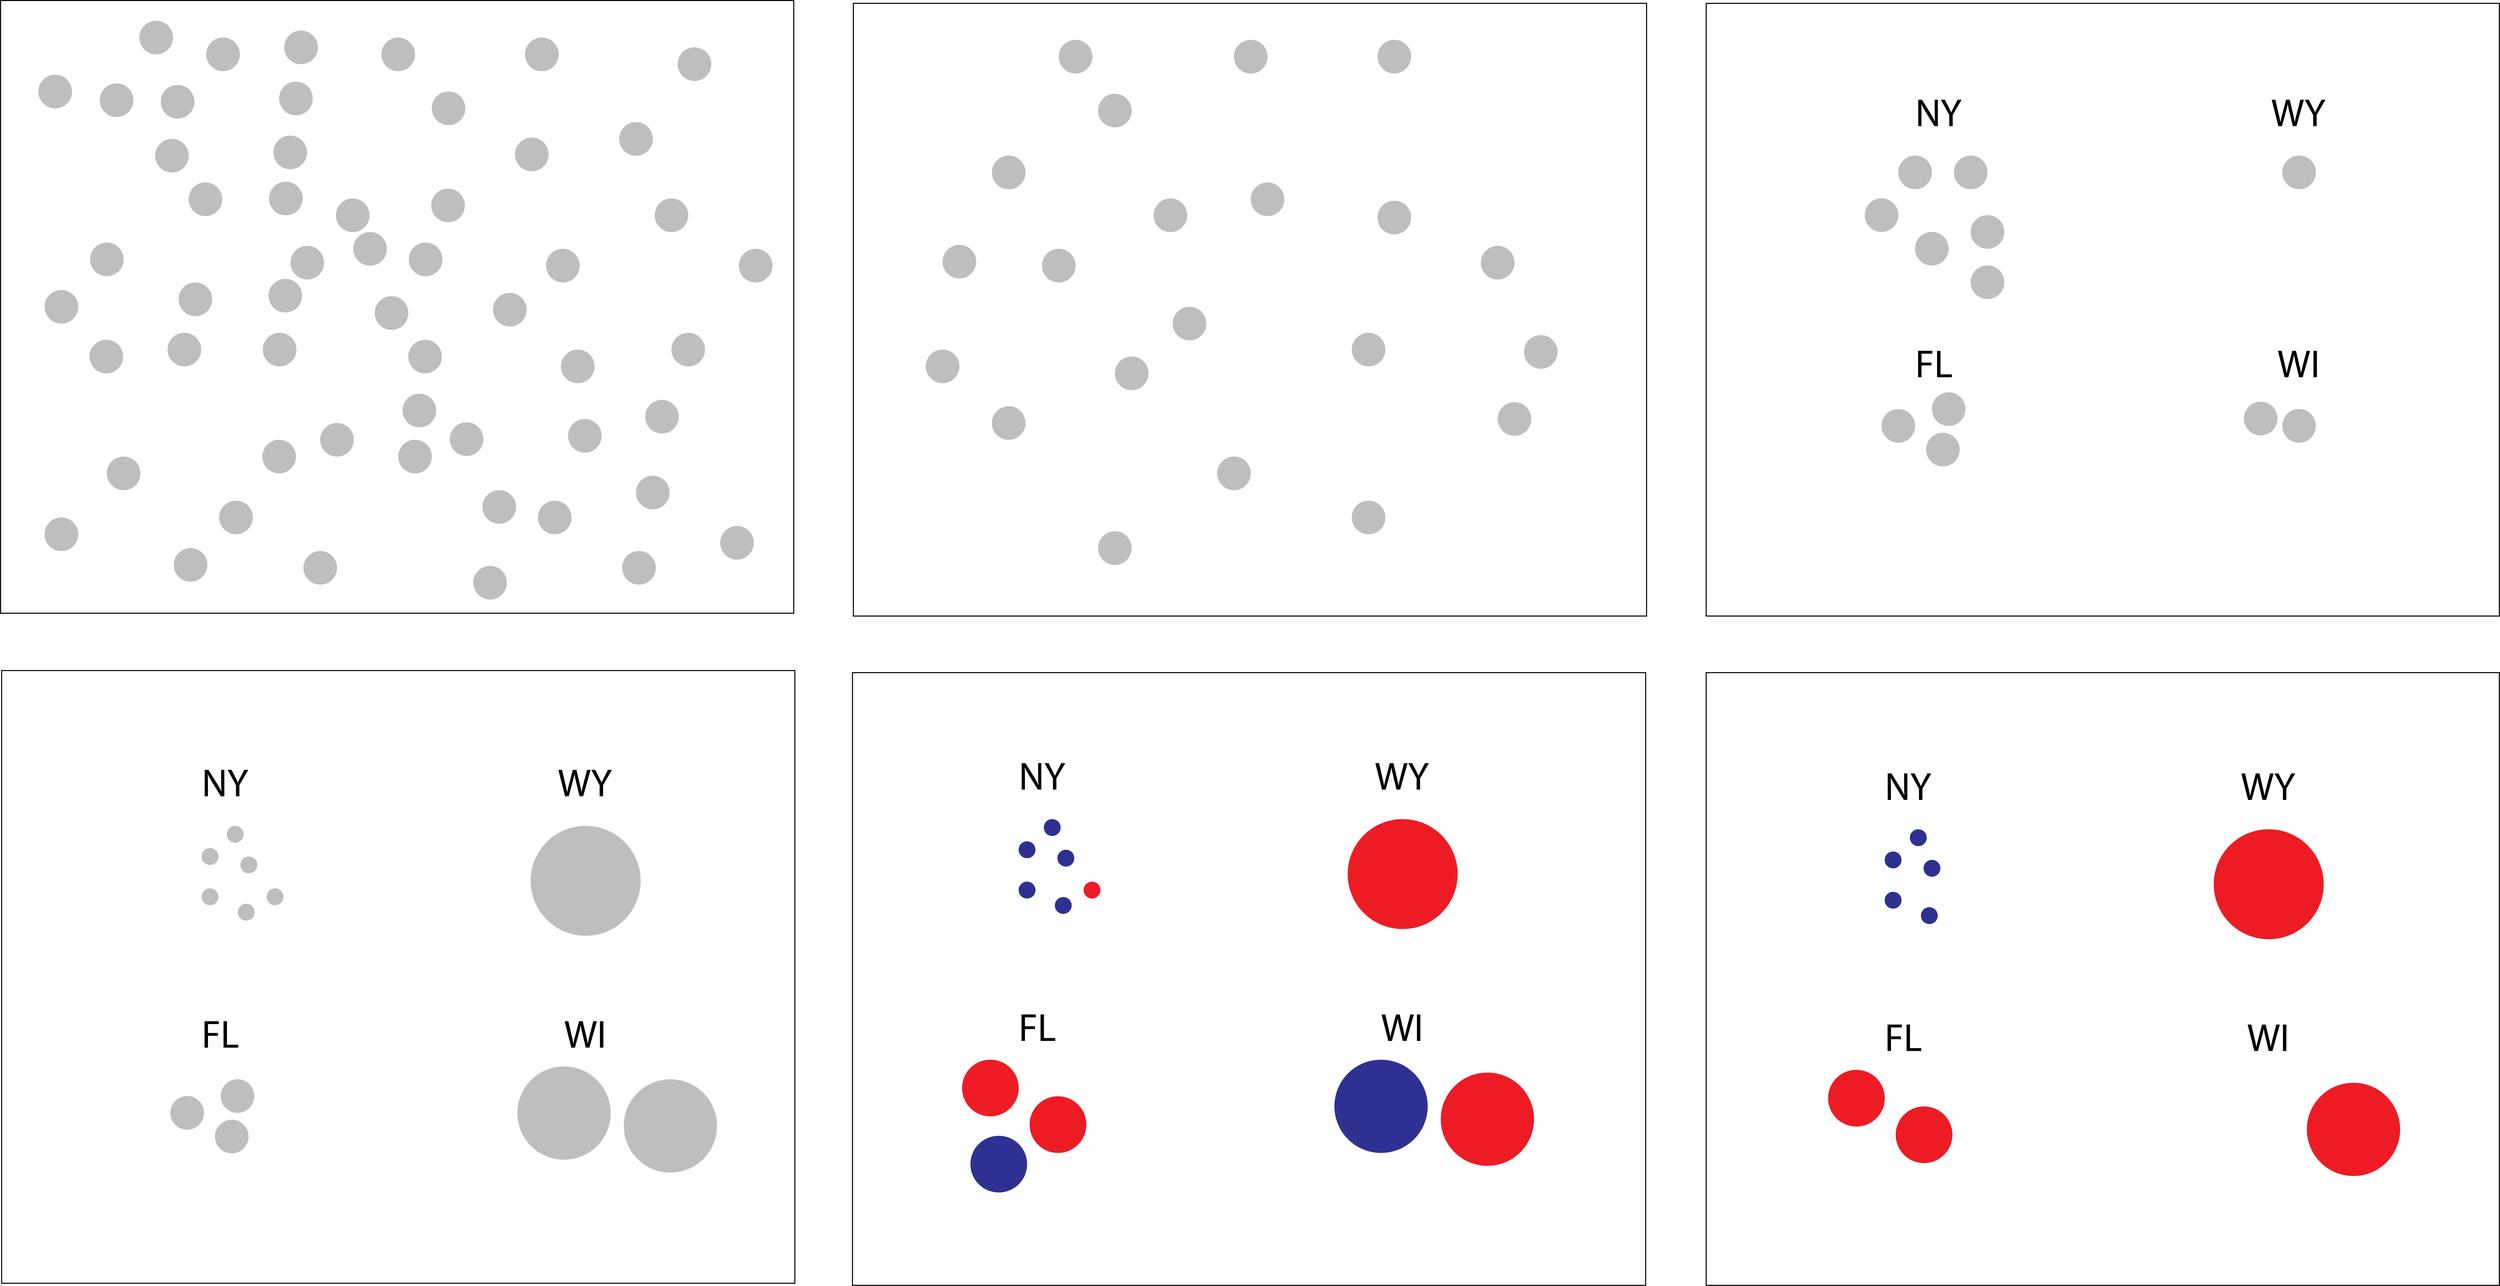 Figure 2 : Initial Idea